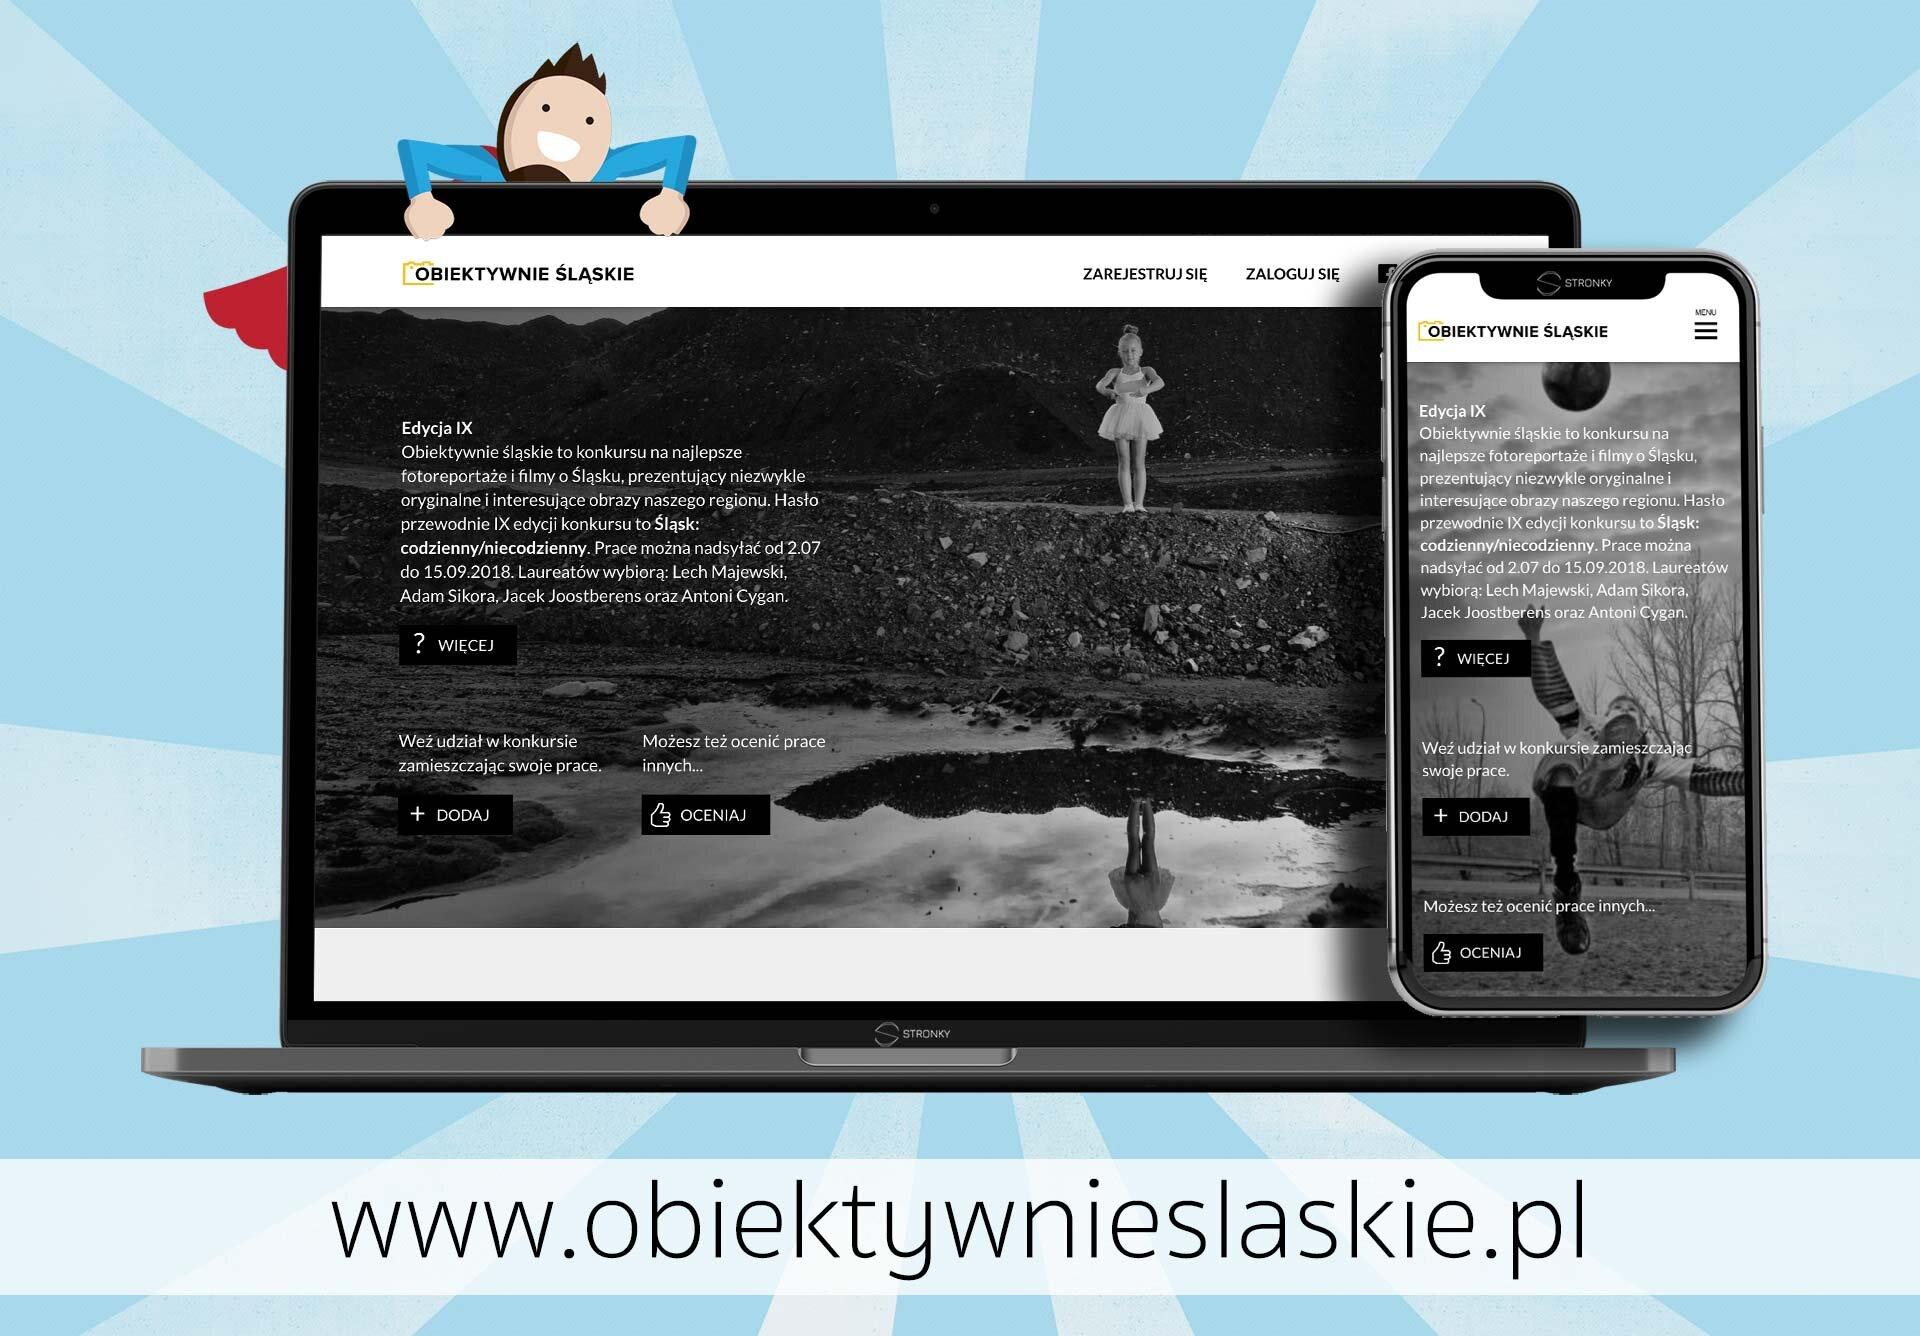 Obiektywnie Śląskie - konkurs fotograficzny - screen